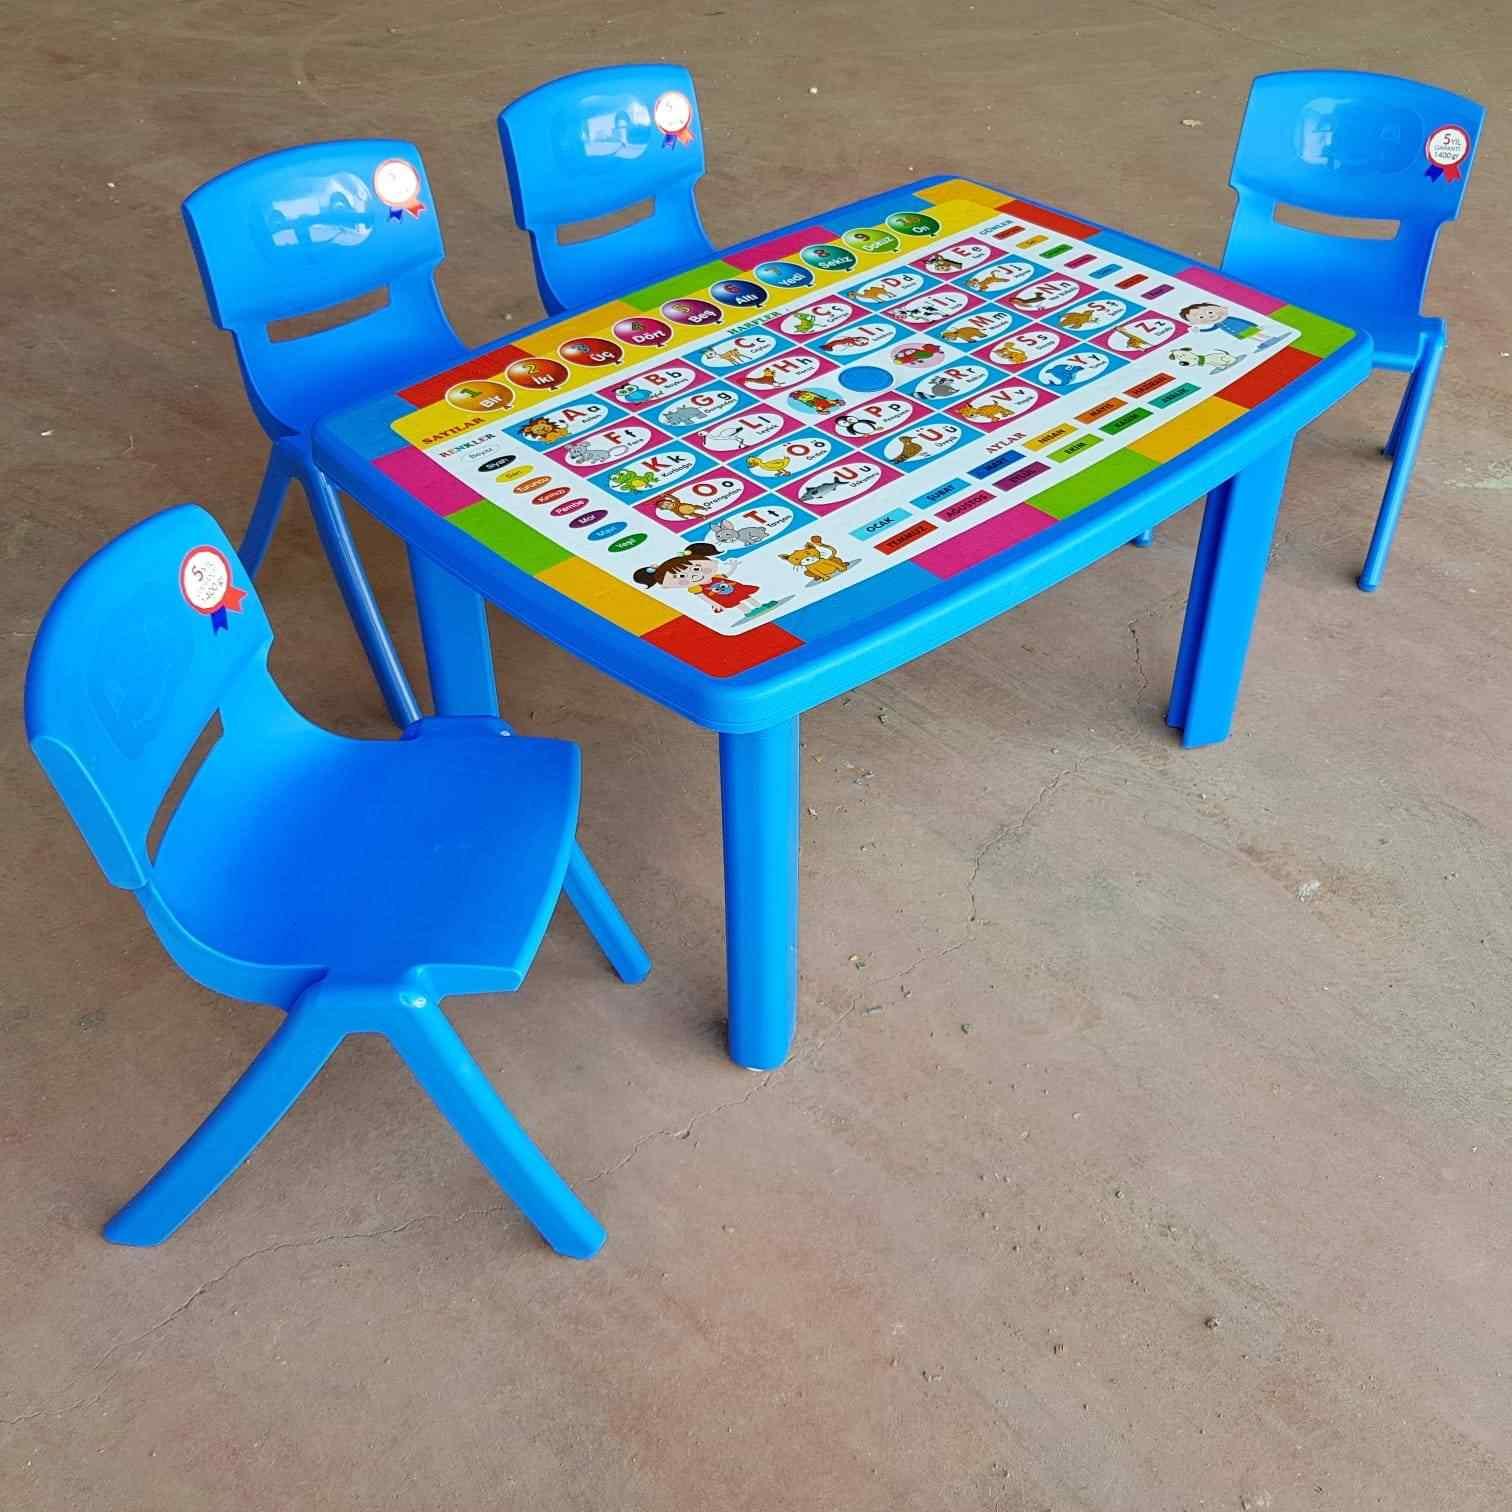 Holiday Çocuk Masa Seti Türkçe Desenli Eğitici Masa +4 Sandalye